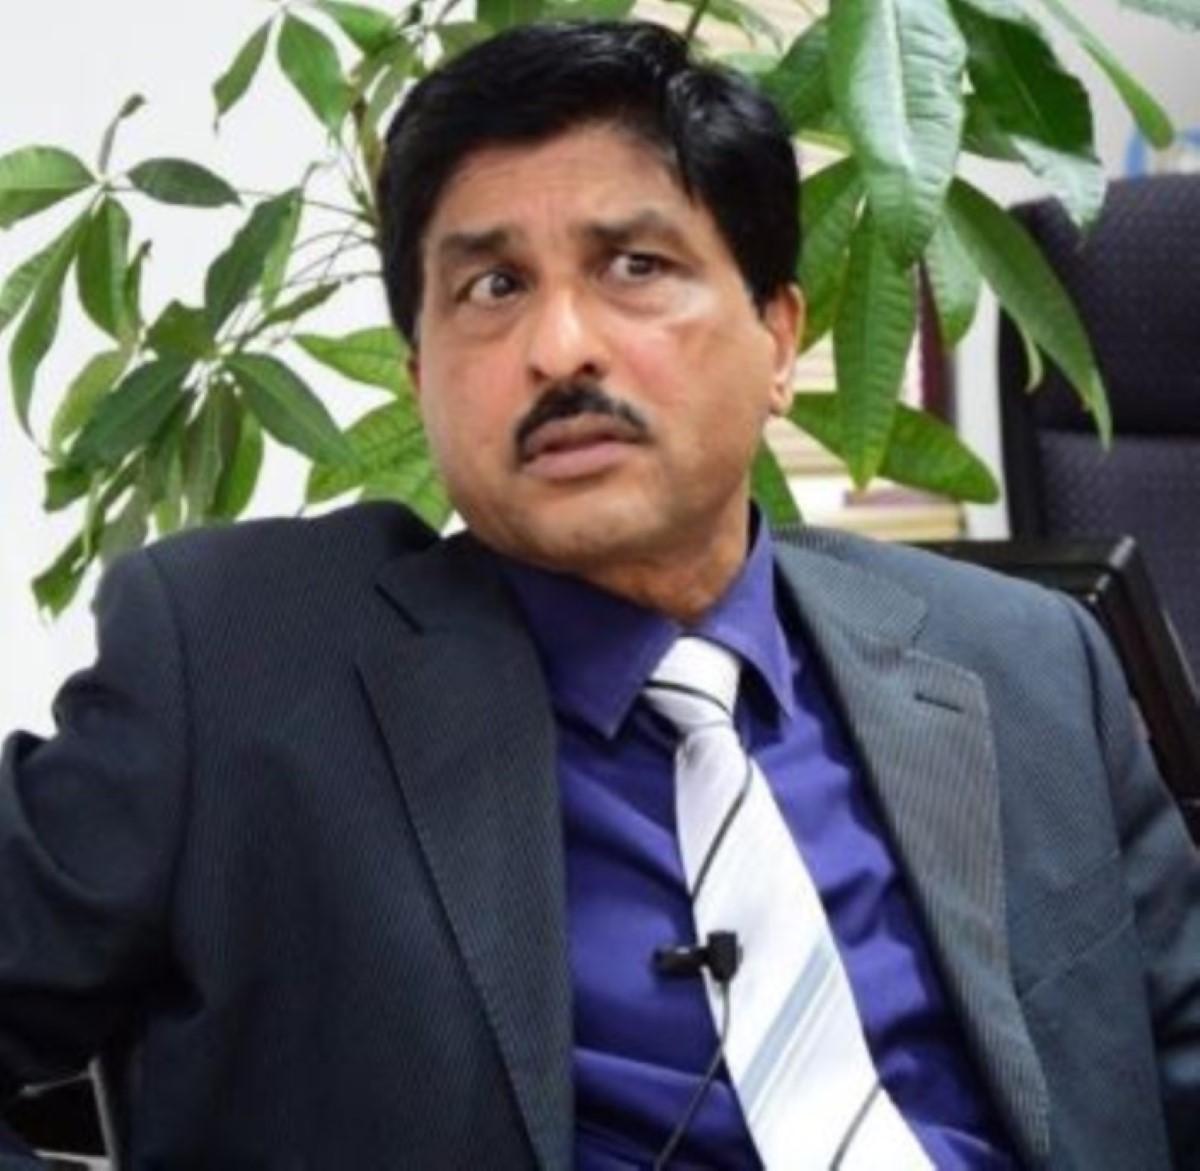 Affaire BBC : Anooj Ramsurrun réfute les accusations de censure et parle d'un «problème technique»